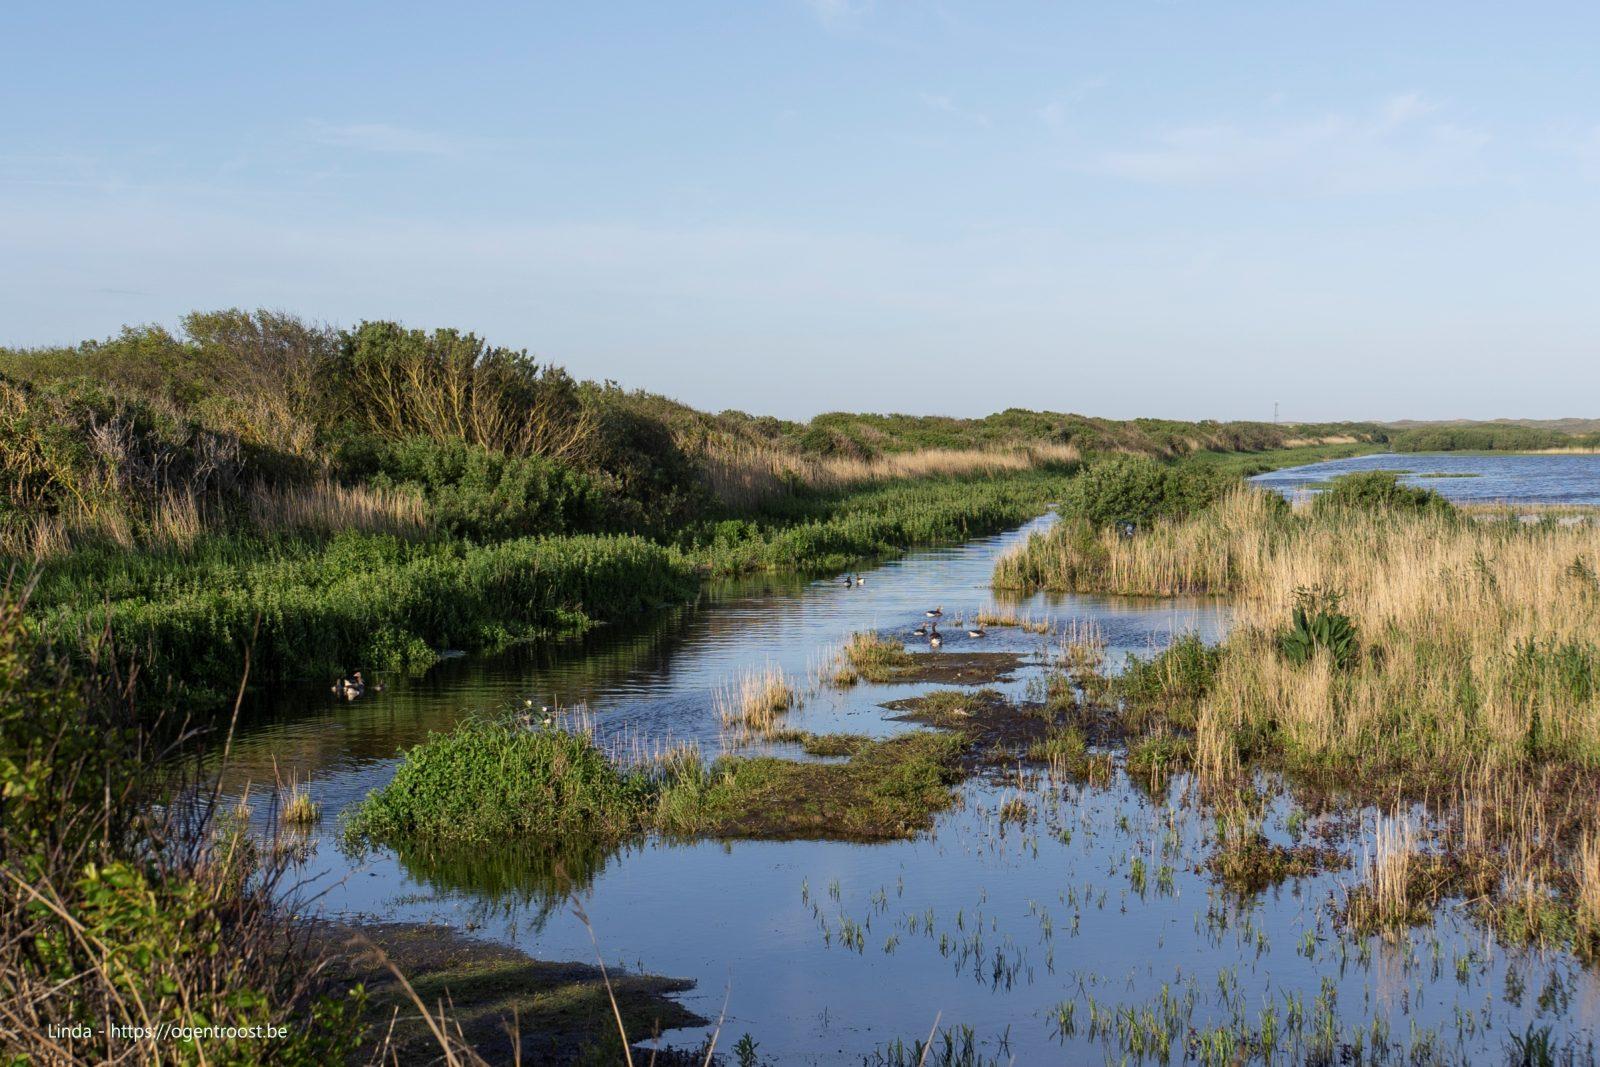 Kroon's polder